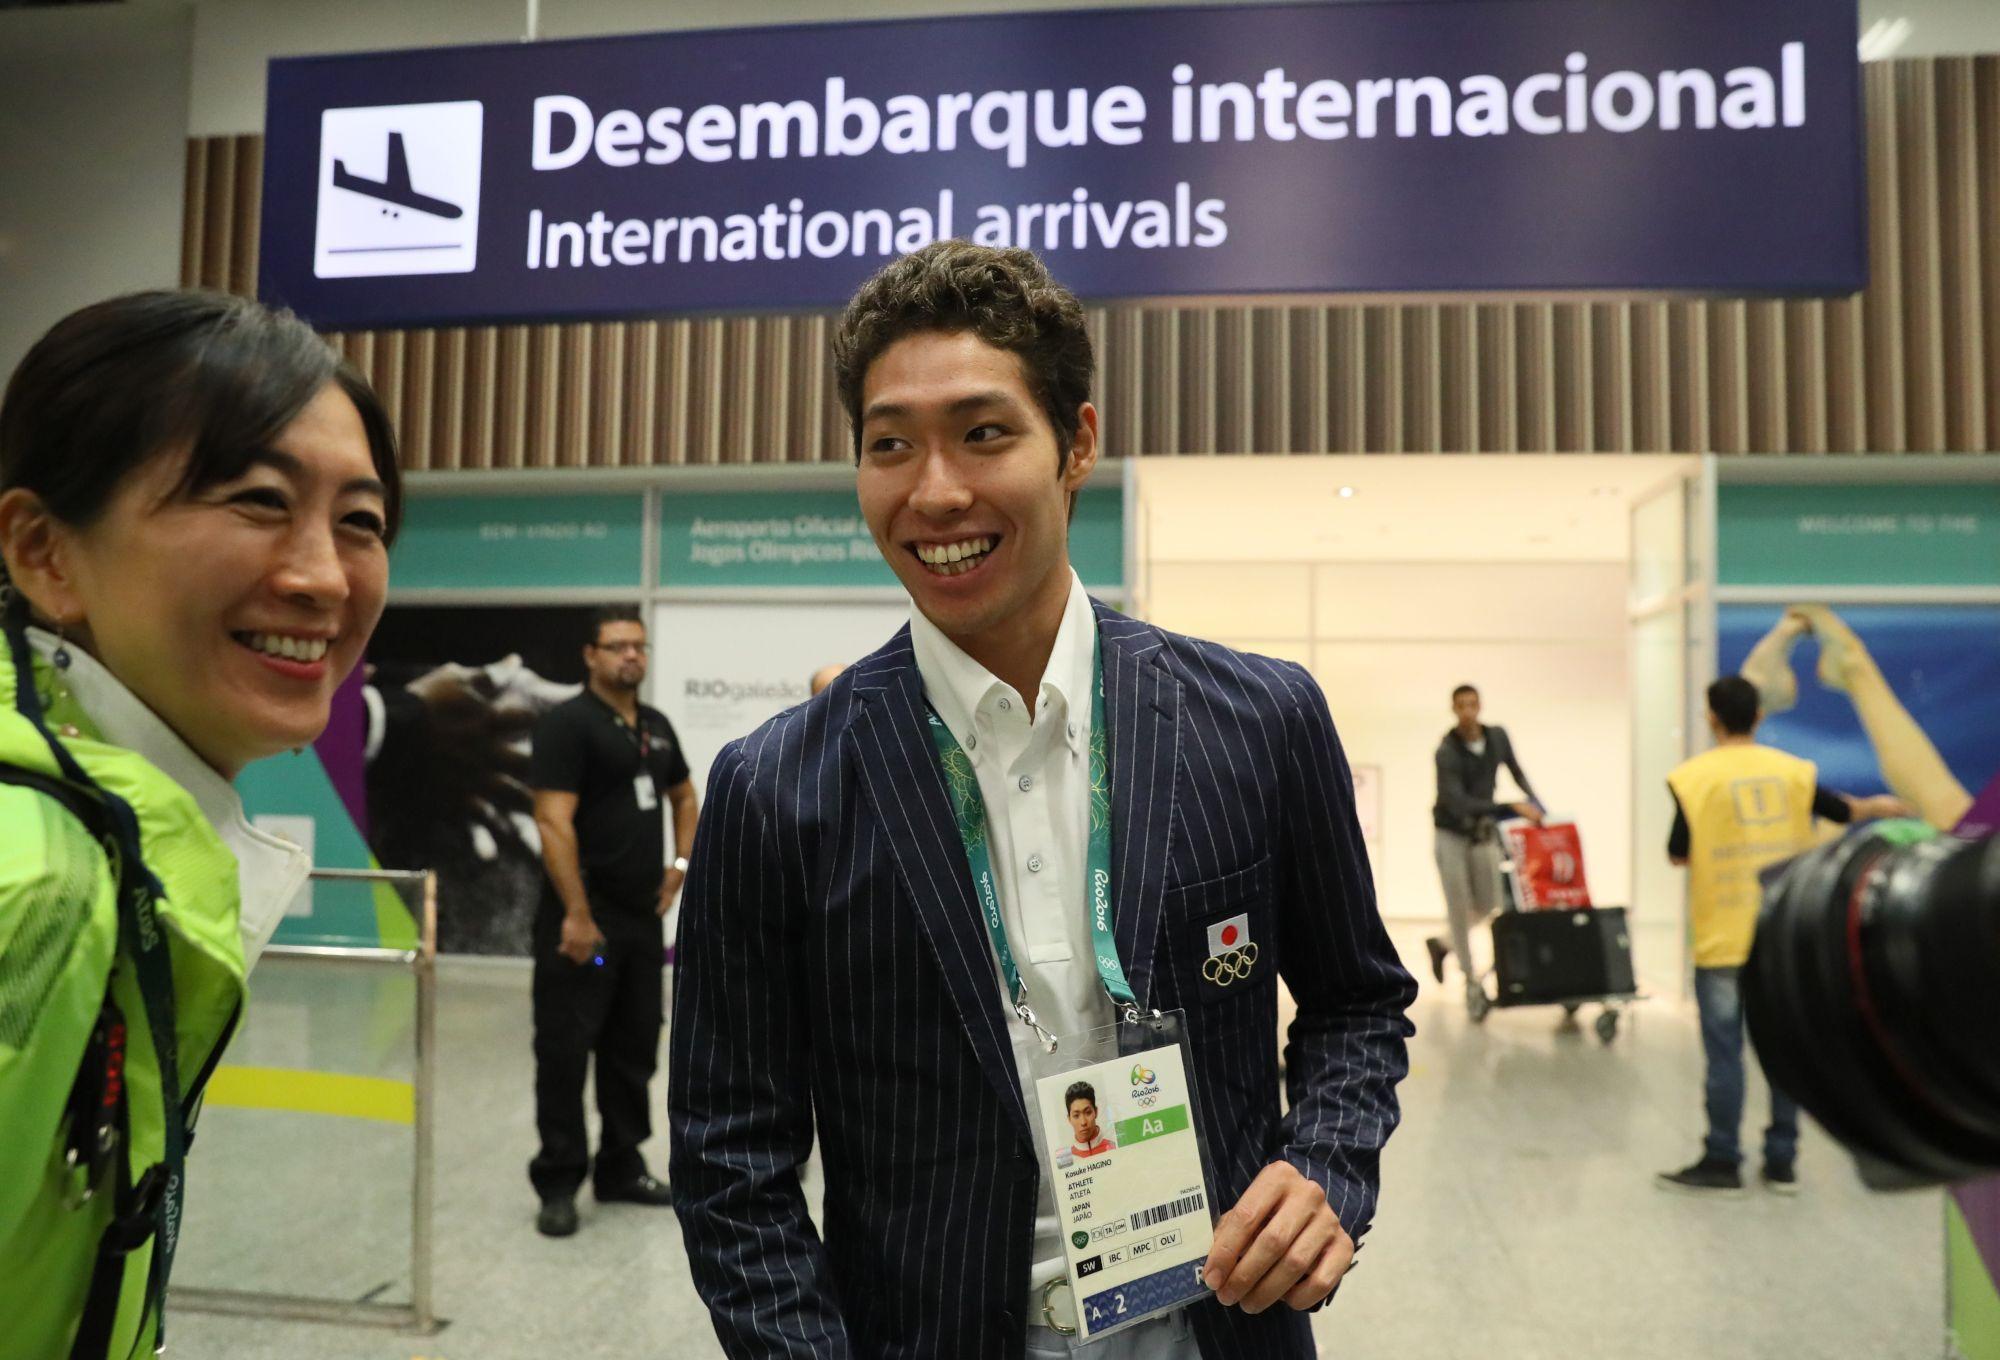 リオデジャネイロの国際空港に到着し、海外メディアの求めに応じて大会の資格認定証を見せる